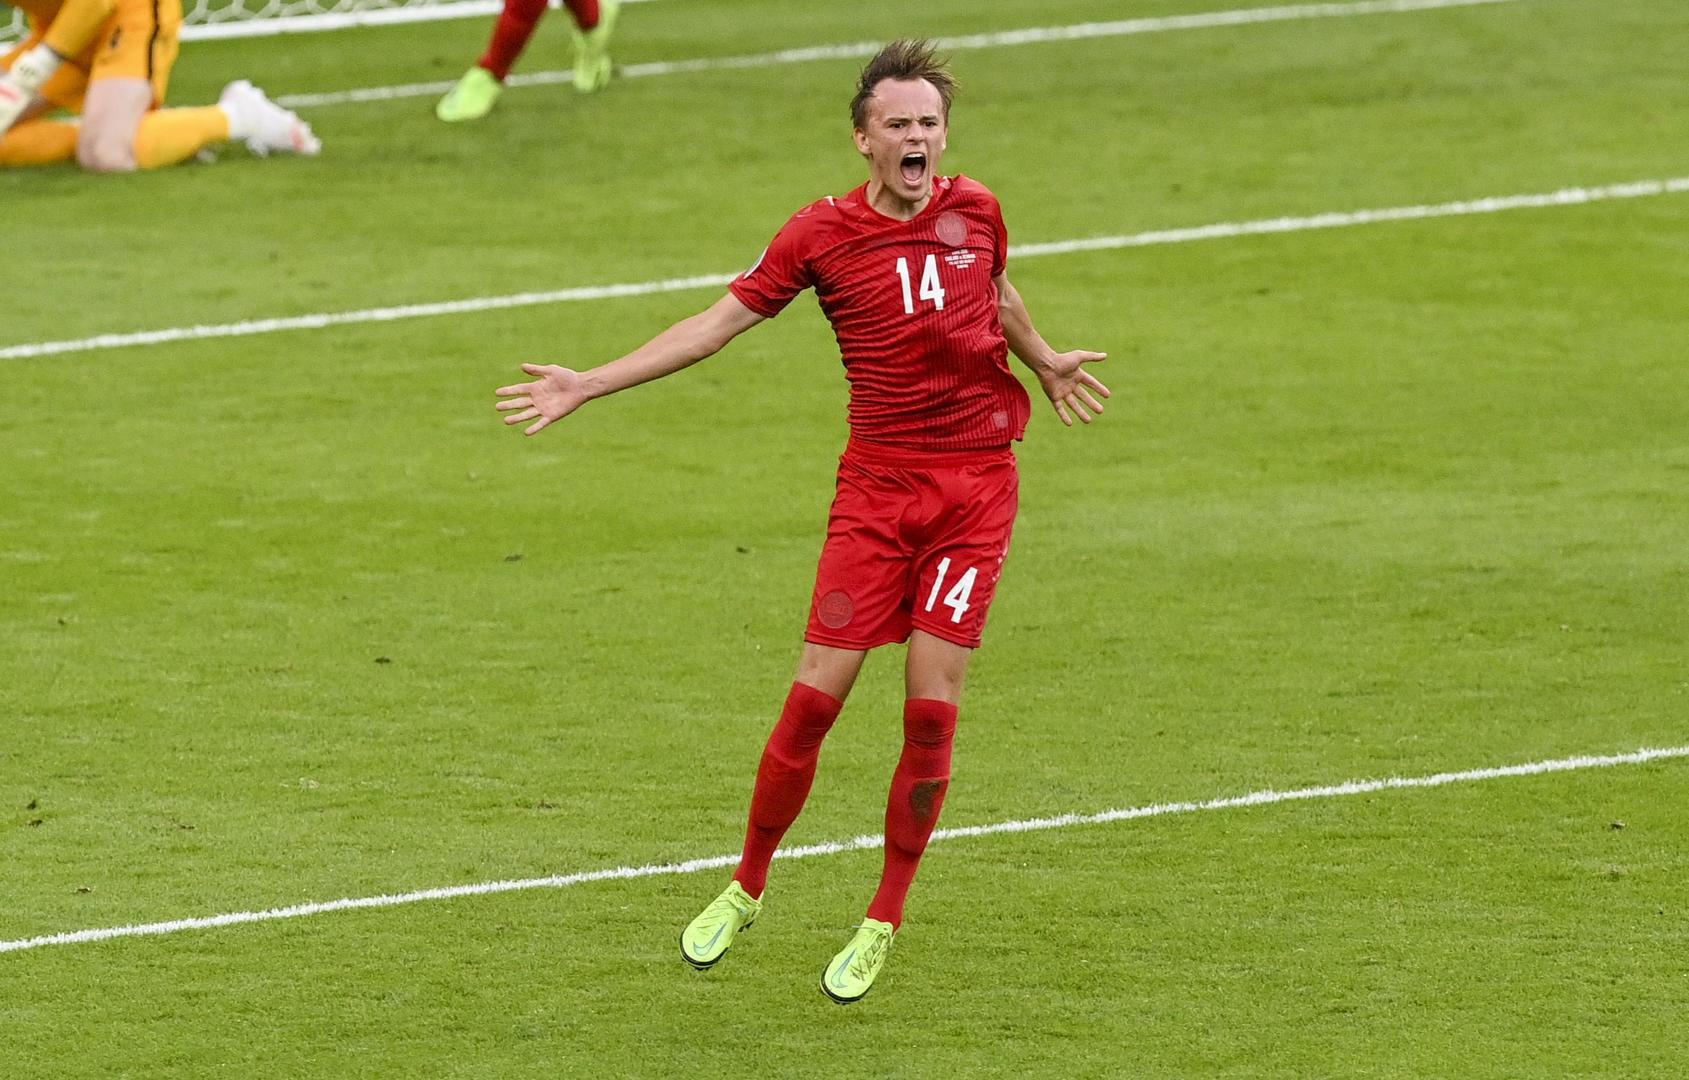 00后丹麦小将又创纪录!他成21年来首位在欧洲杯淘汰赛任意球破门的球员